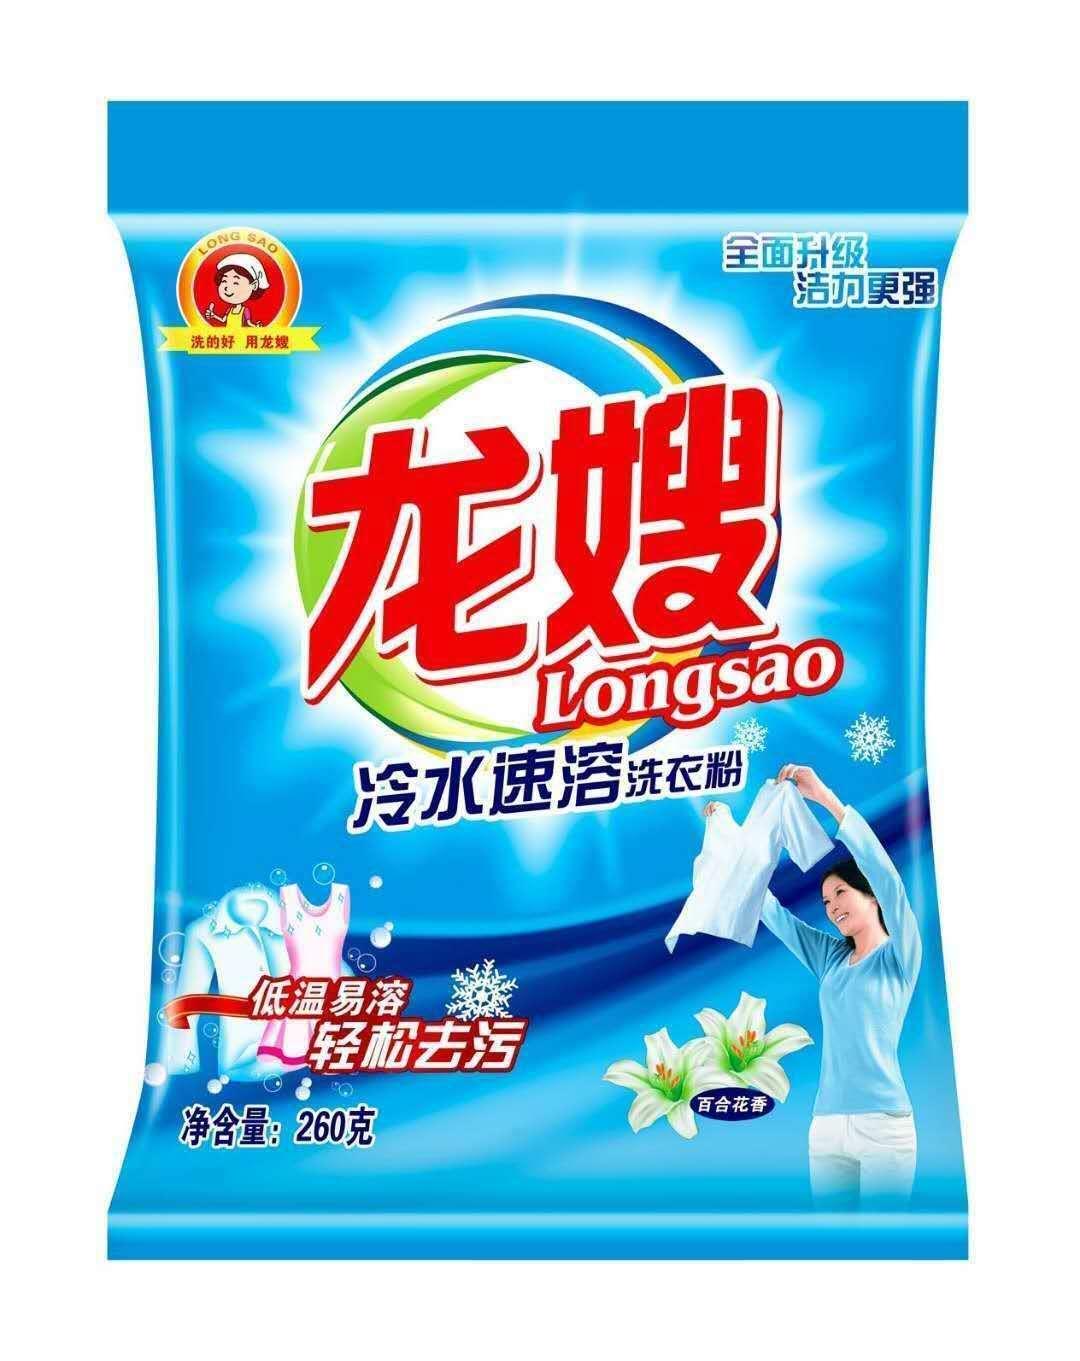 專業洗衣粉生產廠家_專業洗衣粉價格-天津康麗洗滌用品有限公司